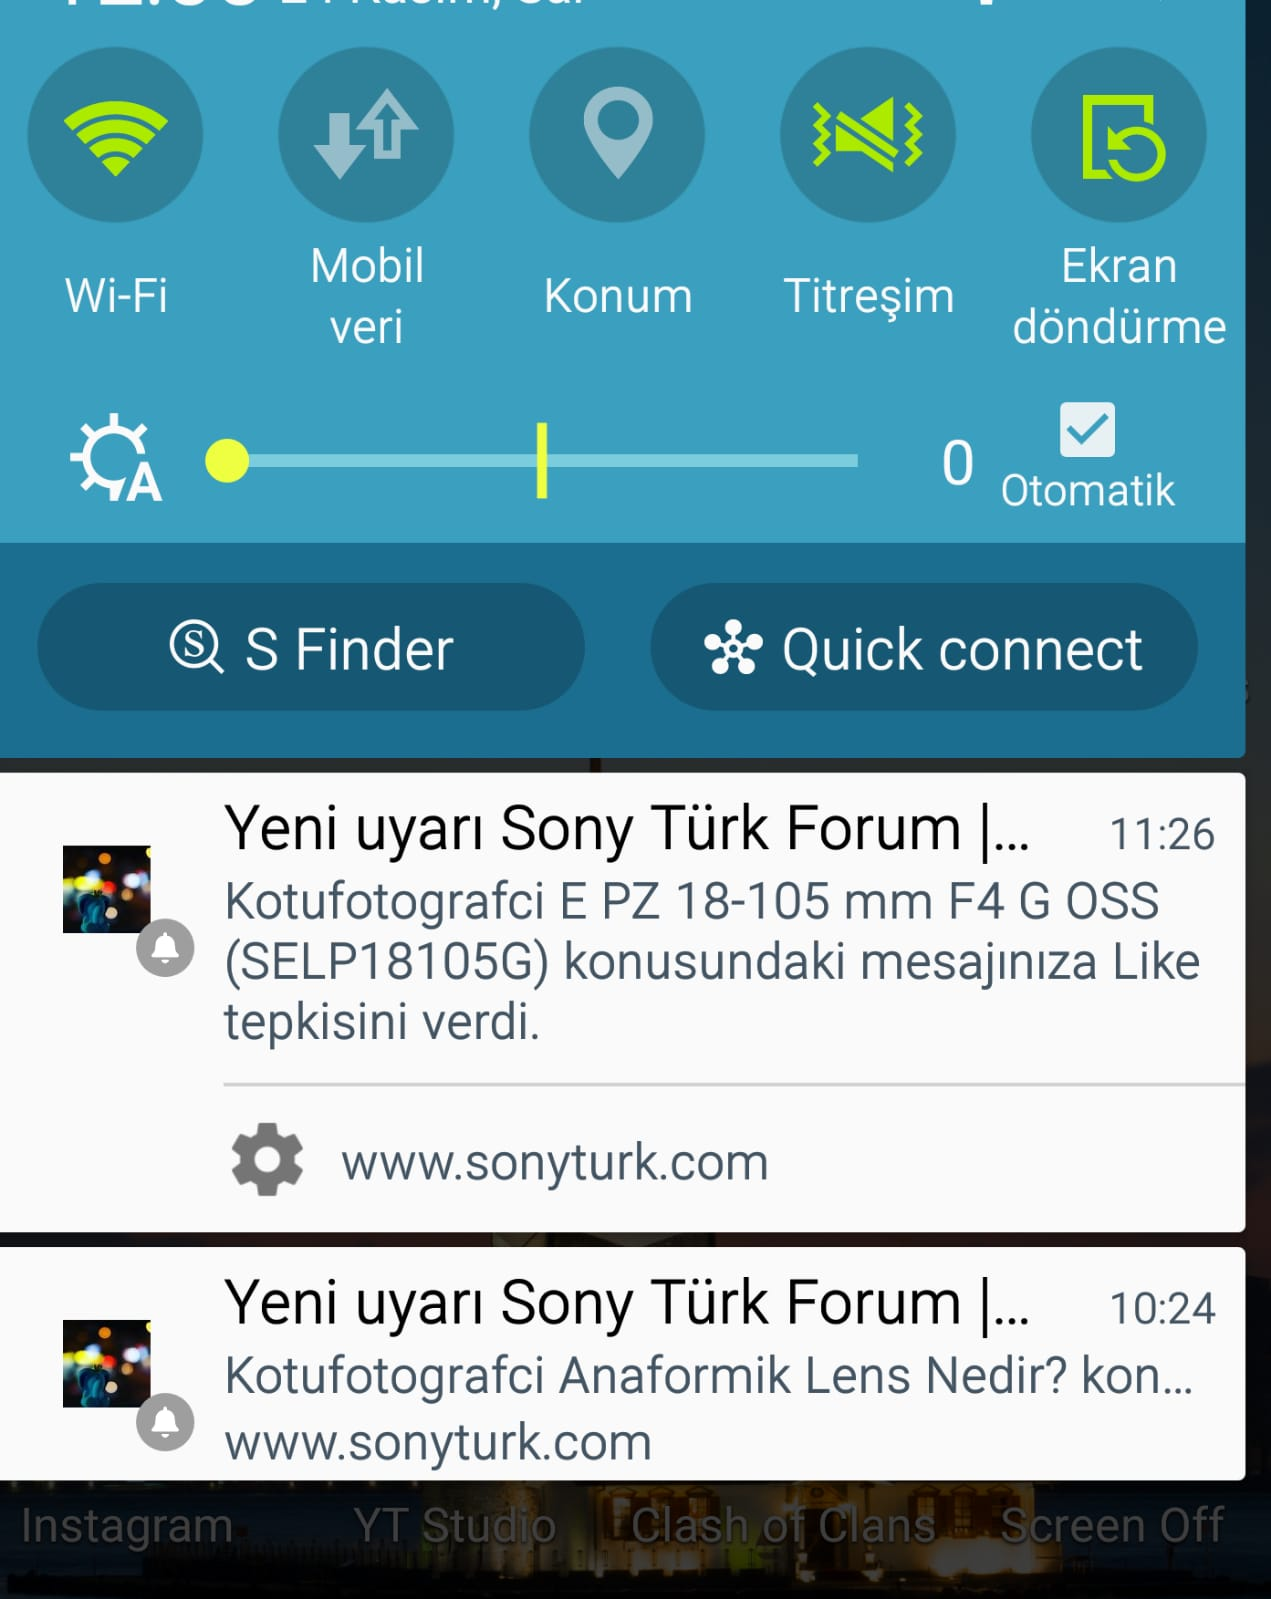 WhatsApp Image 2020-11-24 at 12.01.17 (2).jpeg